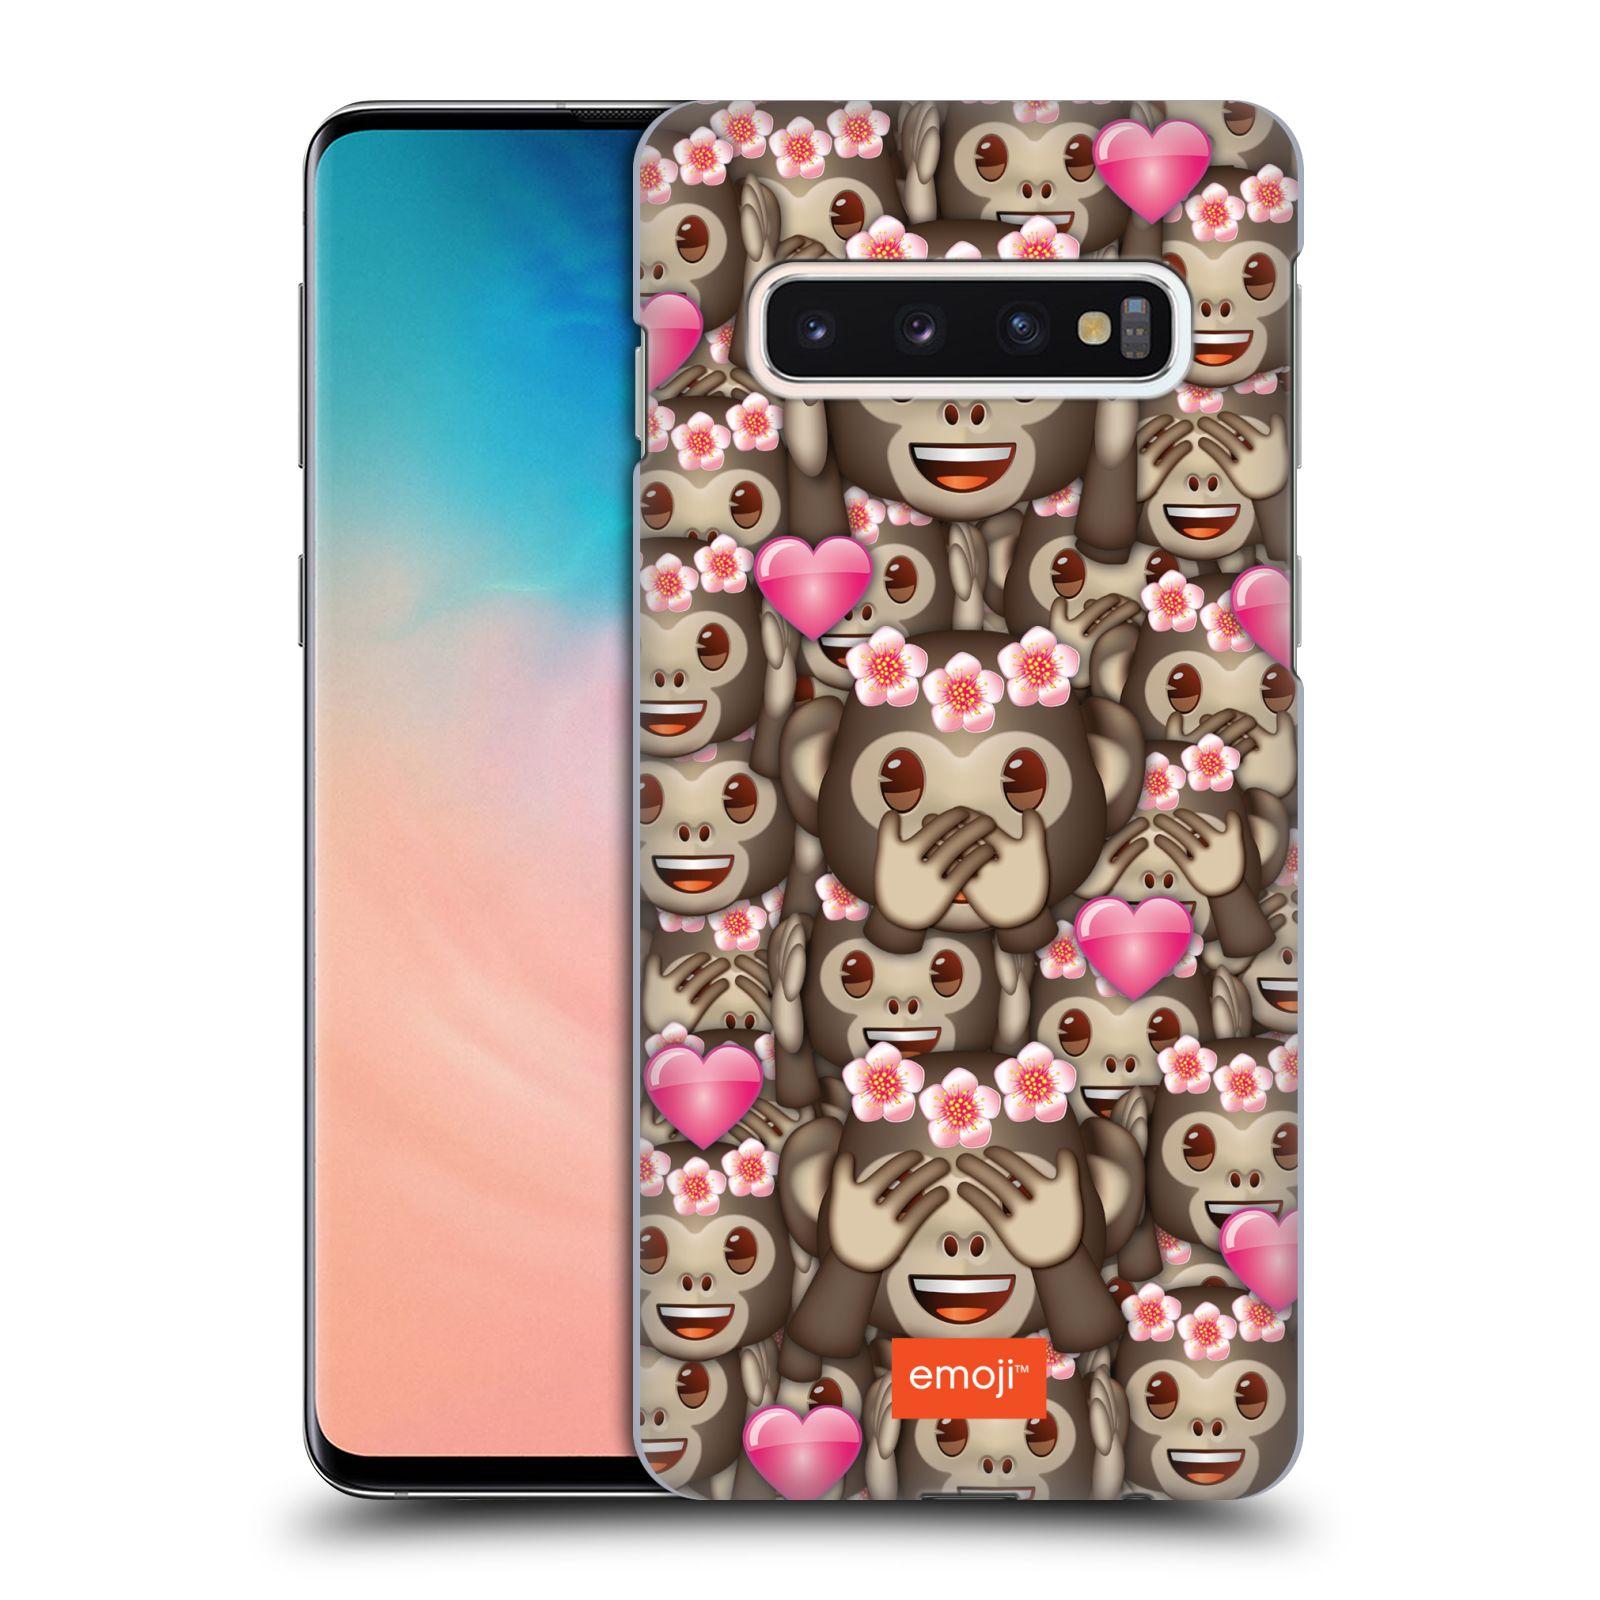 Plastové pouzdro na mobil Samsung Galaxy S10 - Head Case - EMOJI - Opičky, srdíčka a kytičky